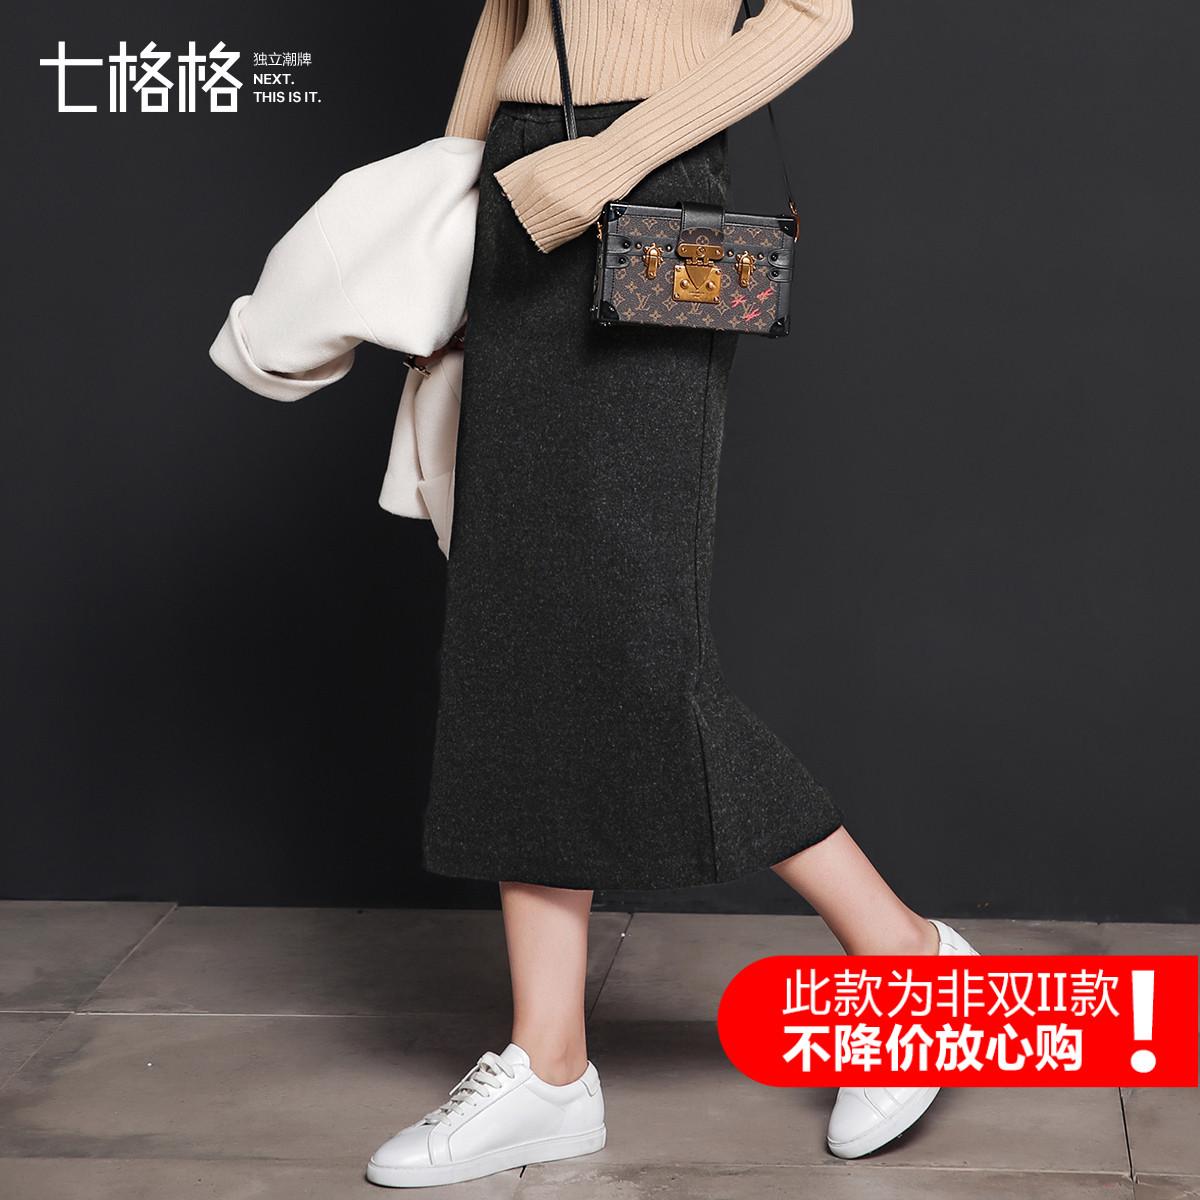 黑色半身裙 非双II 预售七格格2016秋装新款 高腰铅笔裙黑色中长款半身裙X321_推荐淘宝好看的黑色半身裙